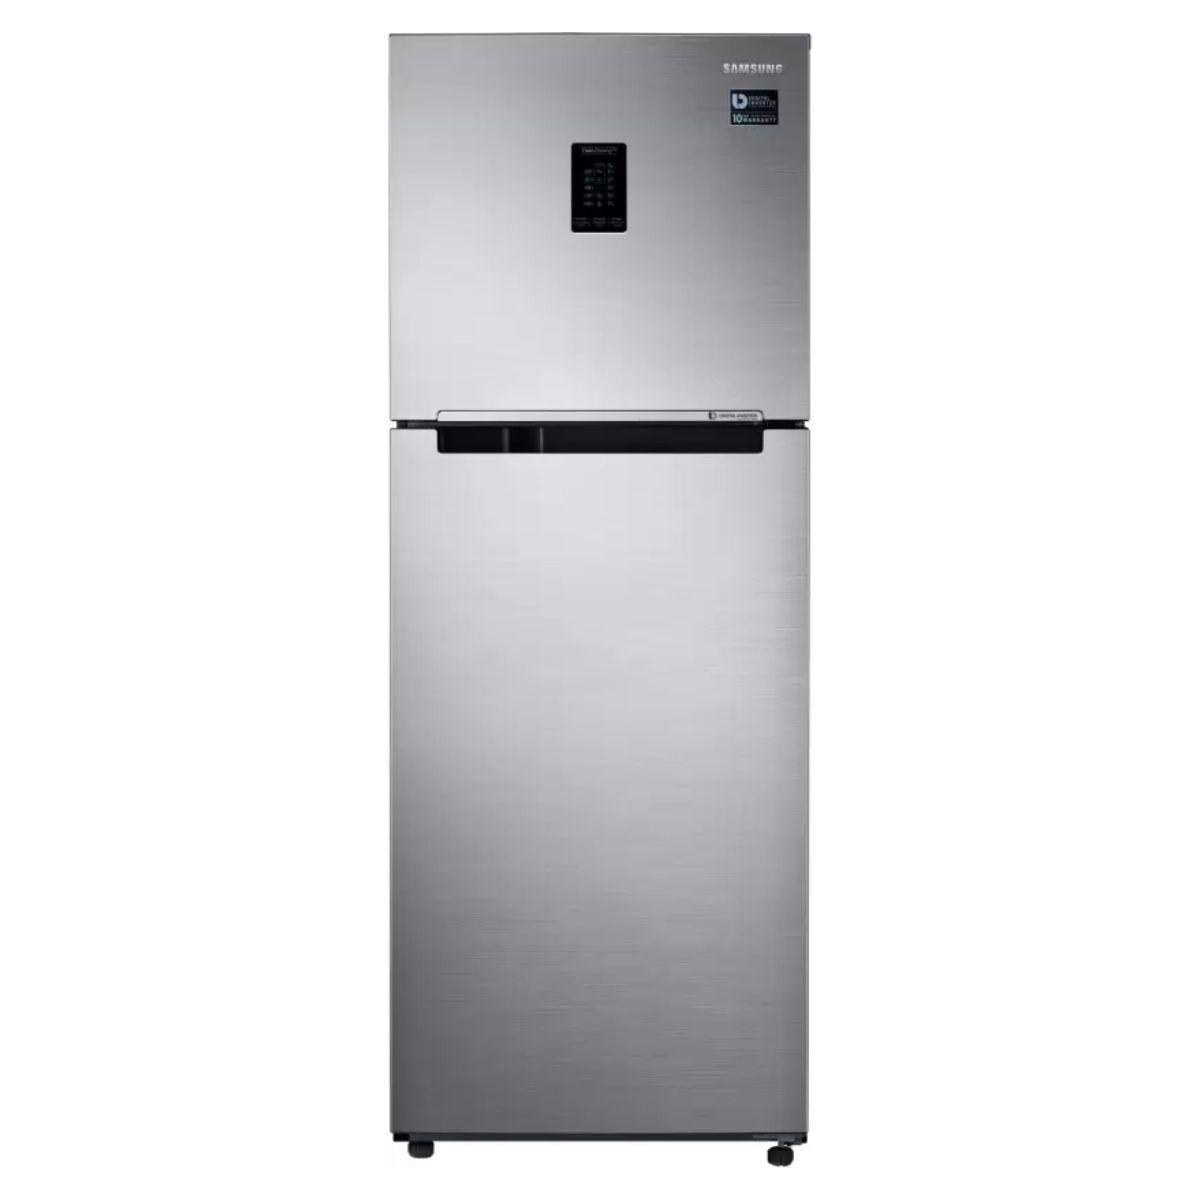 சேம்சங் 345 L Double Door 3 Star Refrigerator (RT37T4513S8/HL)